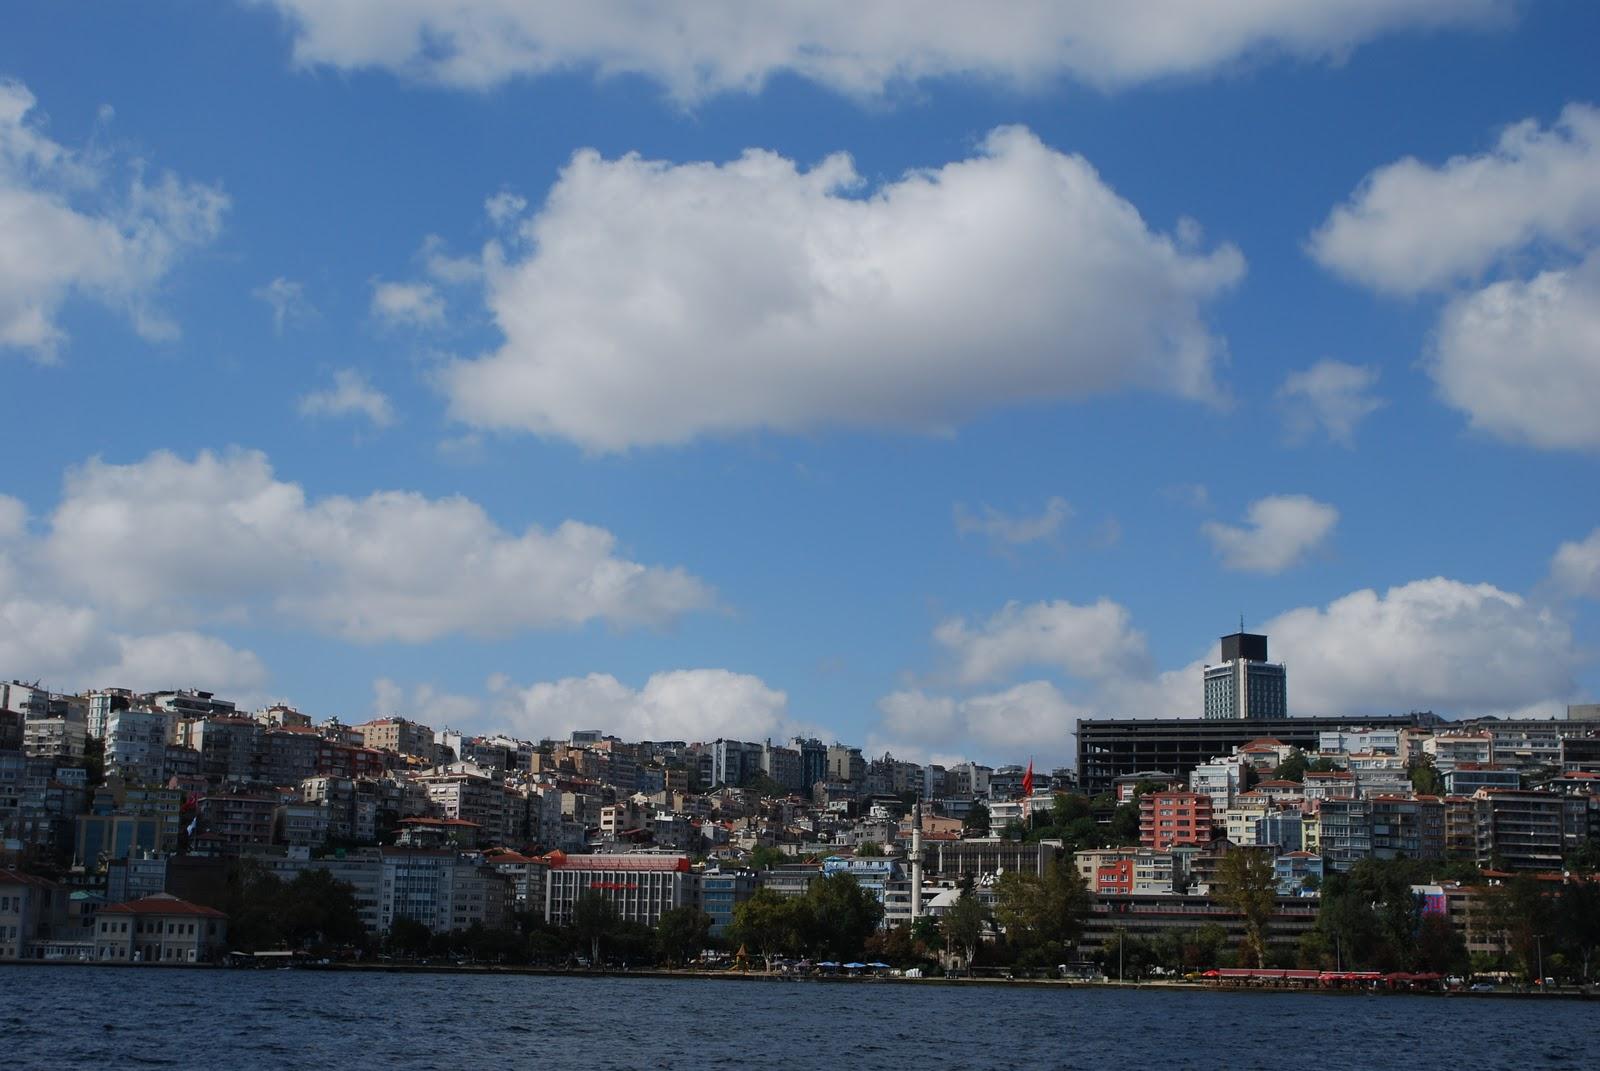 http://1.bp.blogspot.com/_pv5ccRkAhck/TKE9QJqLRdI/AAAAAAAABhA/ngOcHjYbwOY/s1600/Bosphorus+Cruise+%2824%29.JPG